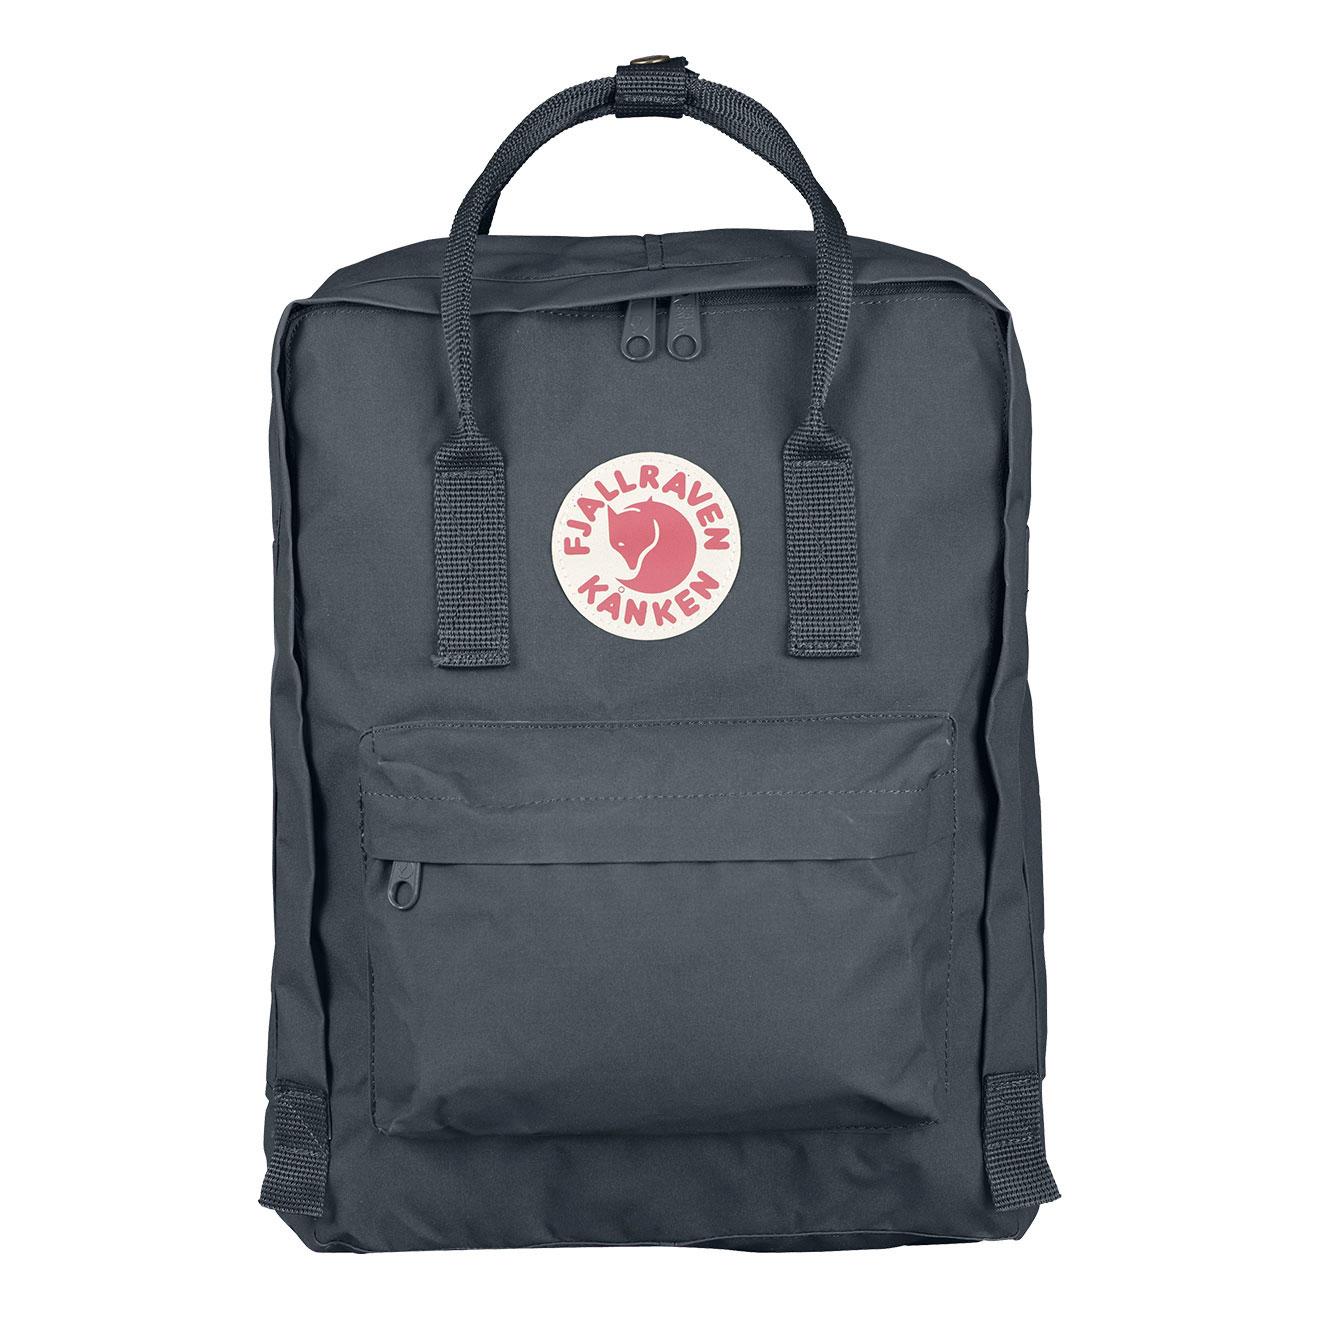 Mini Kanken backpack -